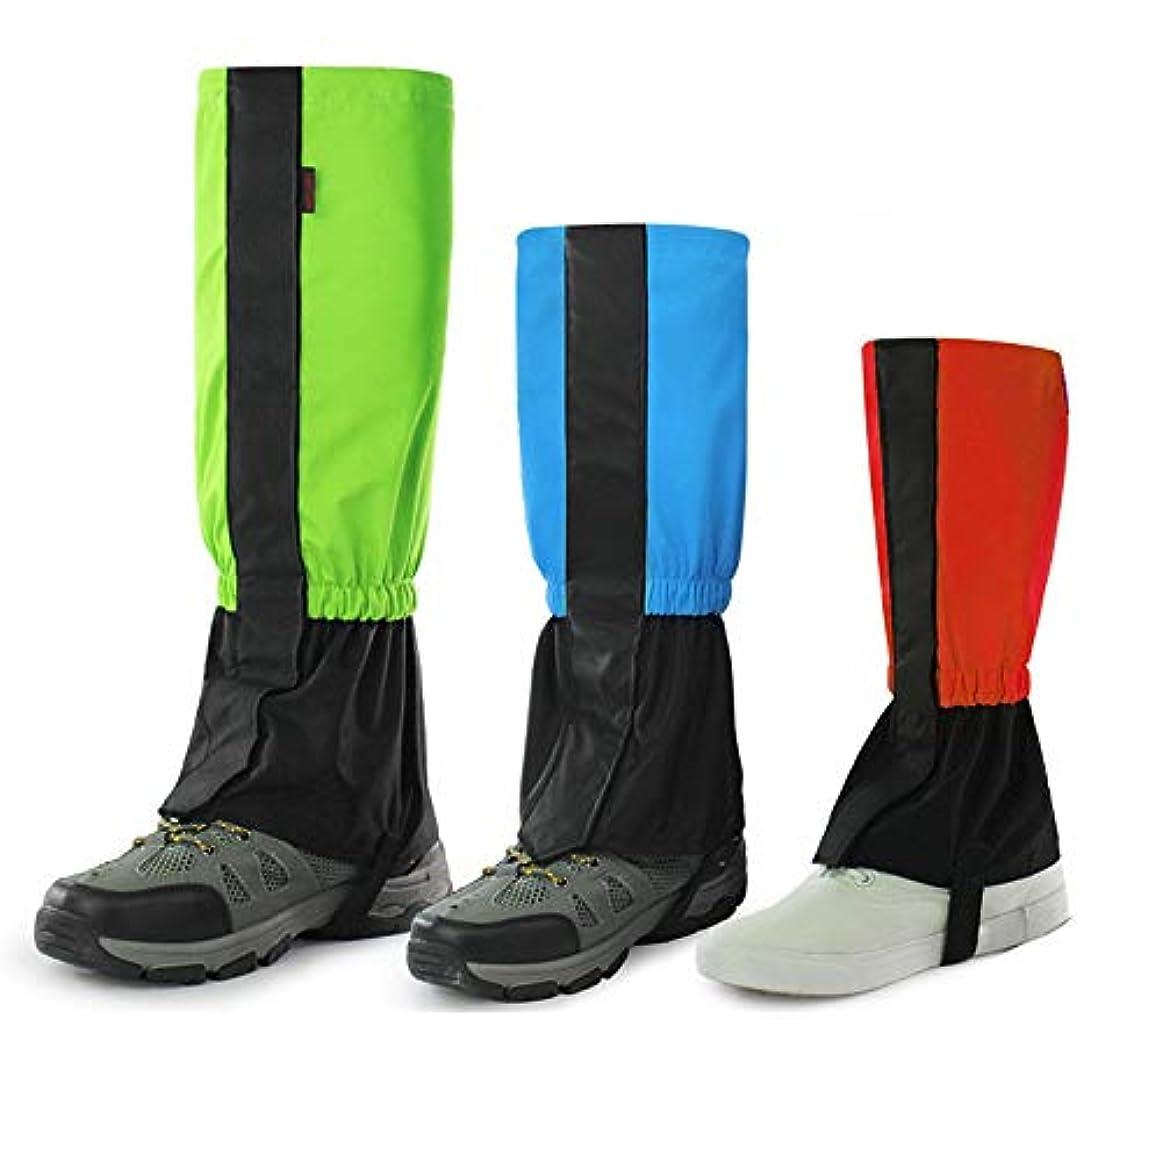 音楽を聴く干渉プレミアム防水靴カバー レインシューズカバー足のガーター防水ハイキングゲーター耐久性の高いレギンス通気性の高いレッグカバーラップ用男性女性子供用マウンテントレッキングスキーウォーキング登山狩猟 - 1ペアの靴カバー雨雪 (色 : 緑, サイズ : Adults)